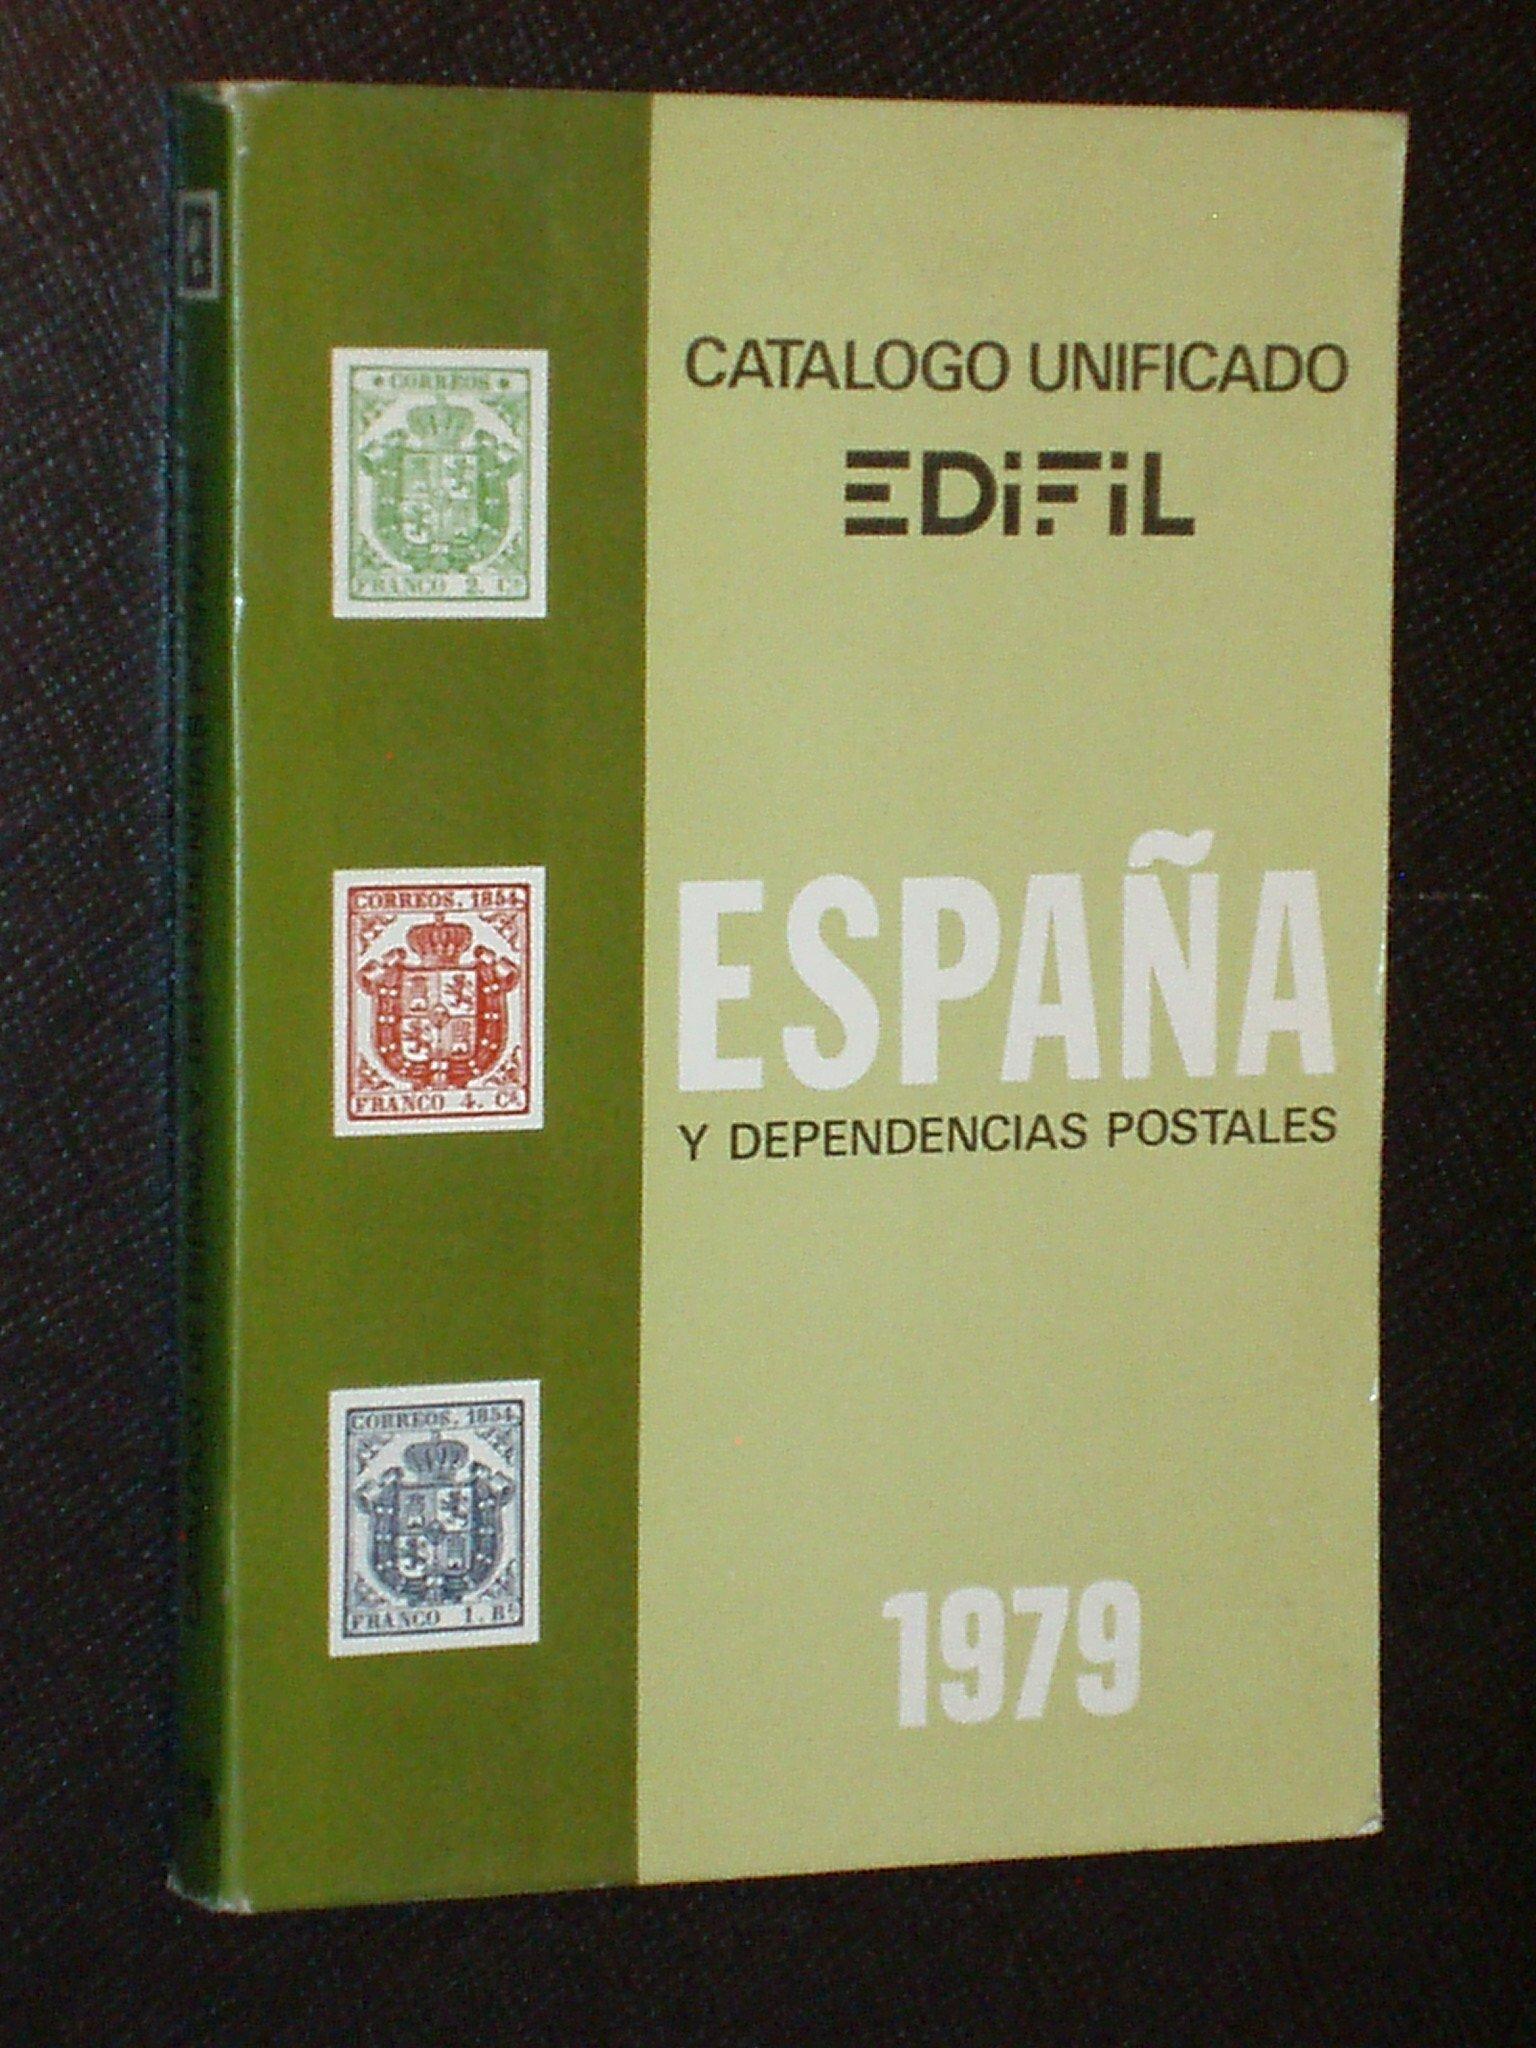 CATÁLOGO UNIFICADO EDIFIL - ESPAÑA Y DEPENDENCIAS POSTALES 1979 ...